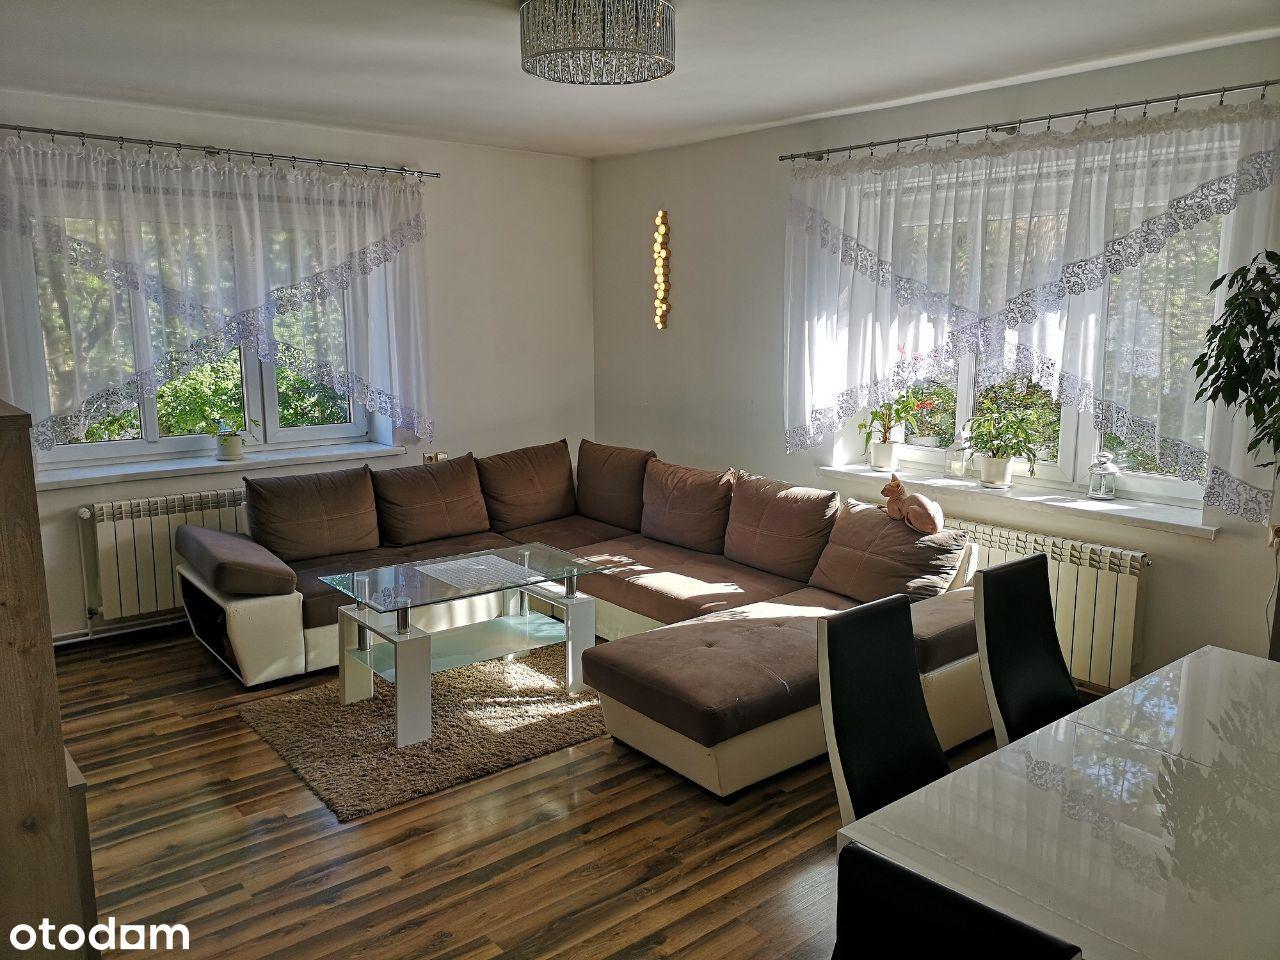 Okazja, piękne mieszkanie 4 pok. Bytom śródmieście